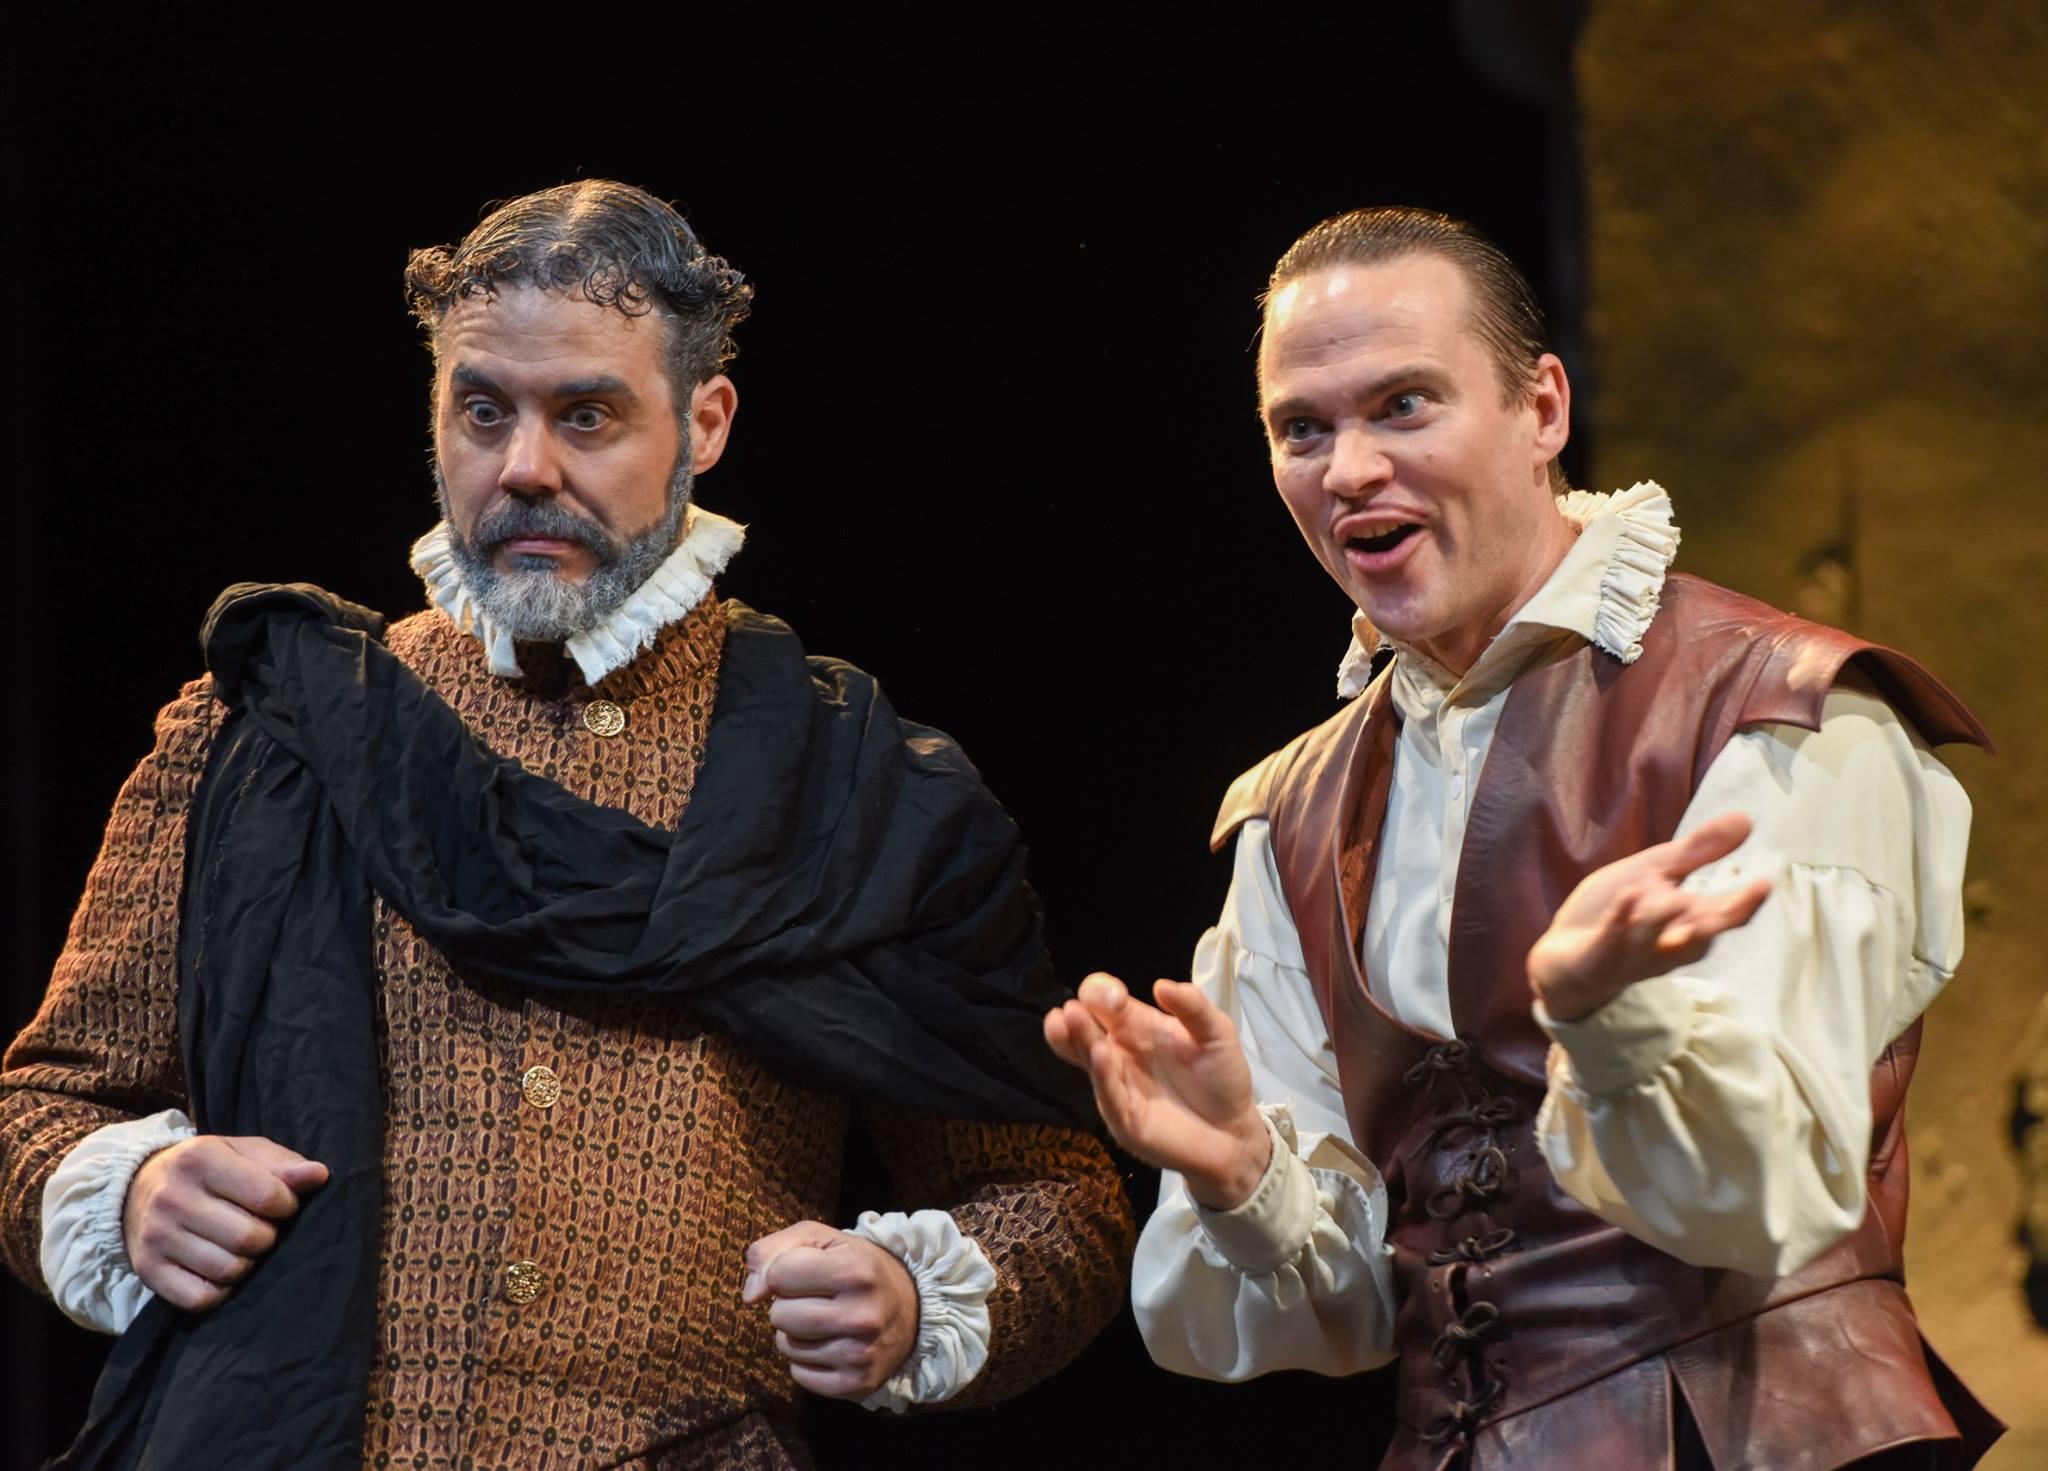 Gregory Isaac as Nicia, Josh Carpenter as Ligurio